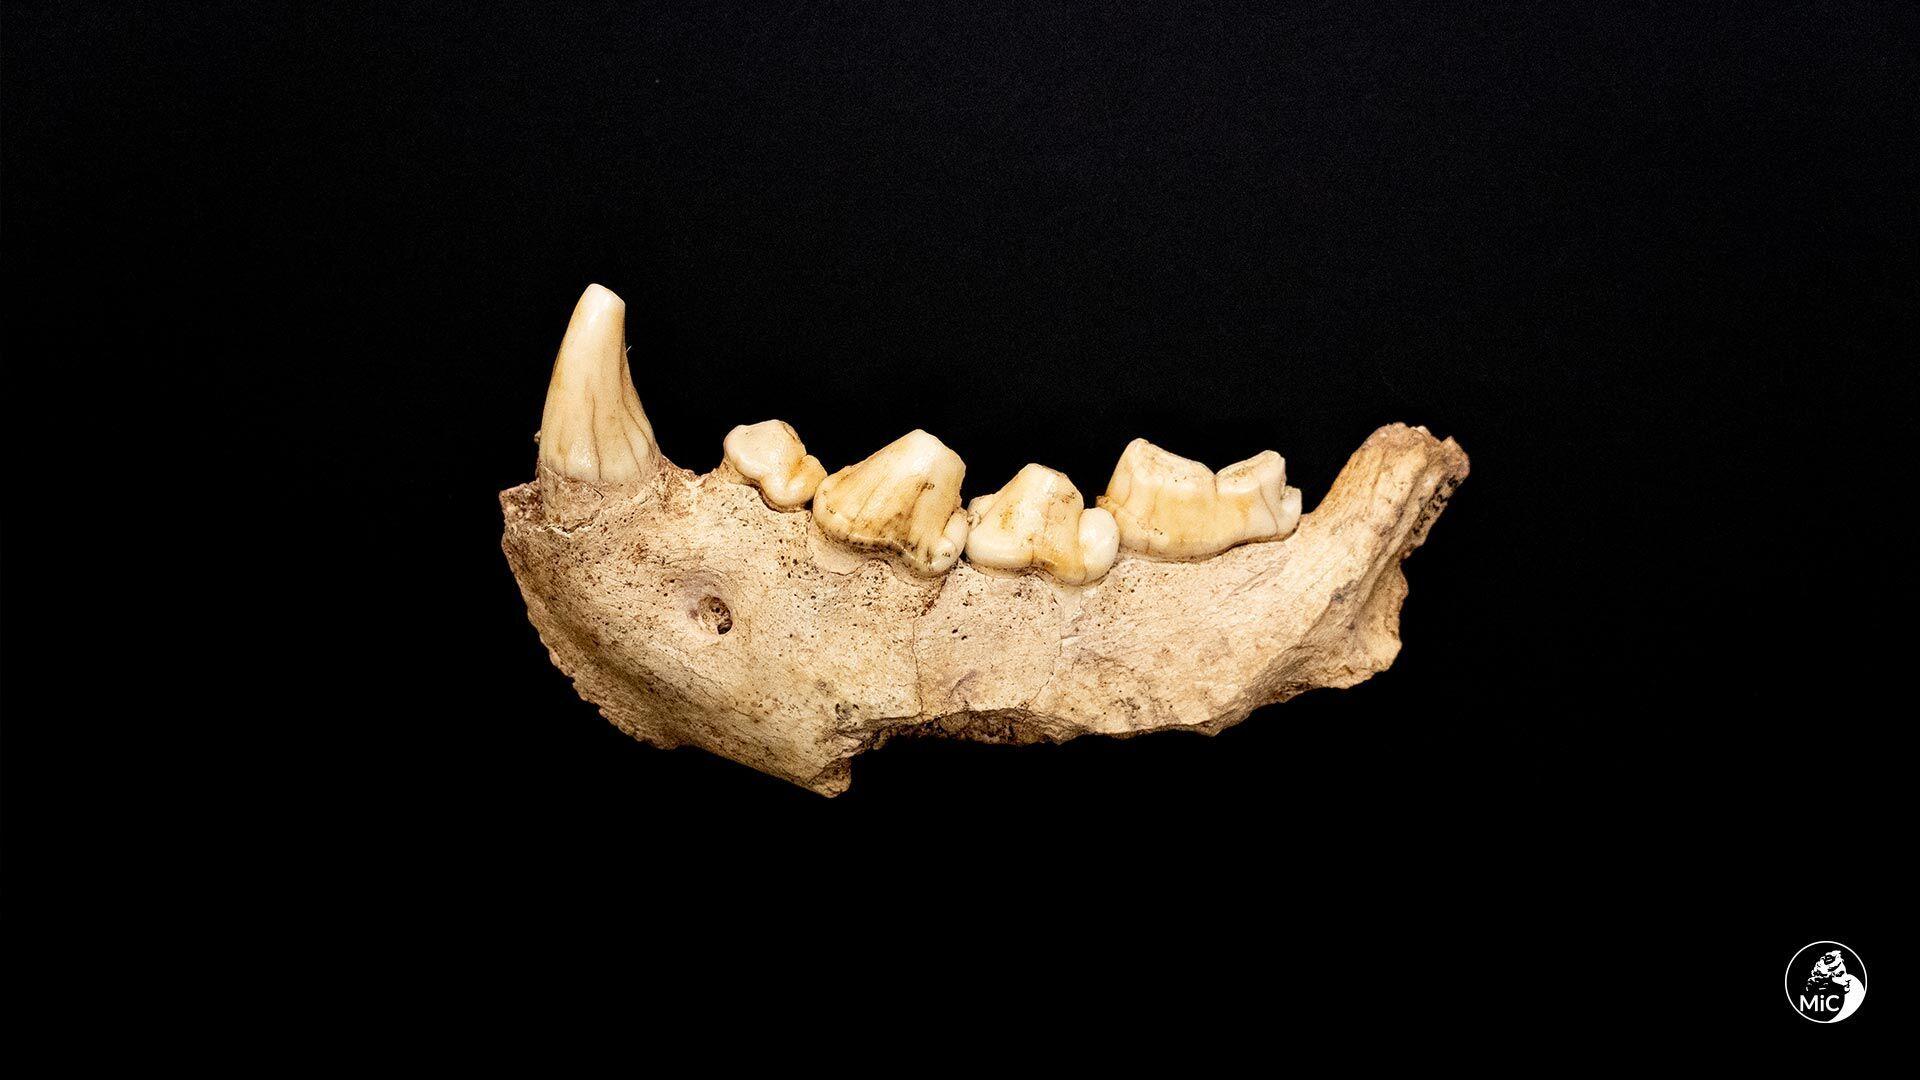 Один из найденных неандертальцев жил около 100 тысяч лет назад